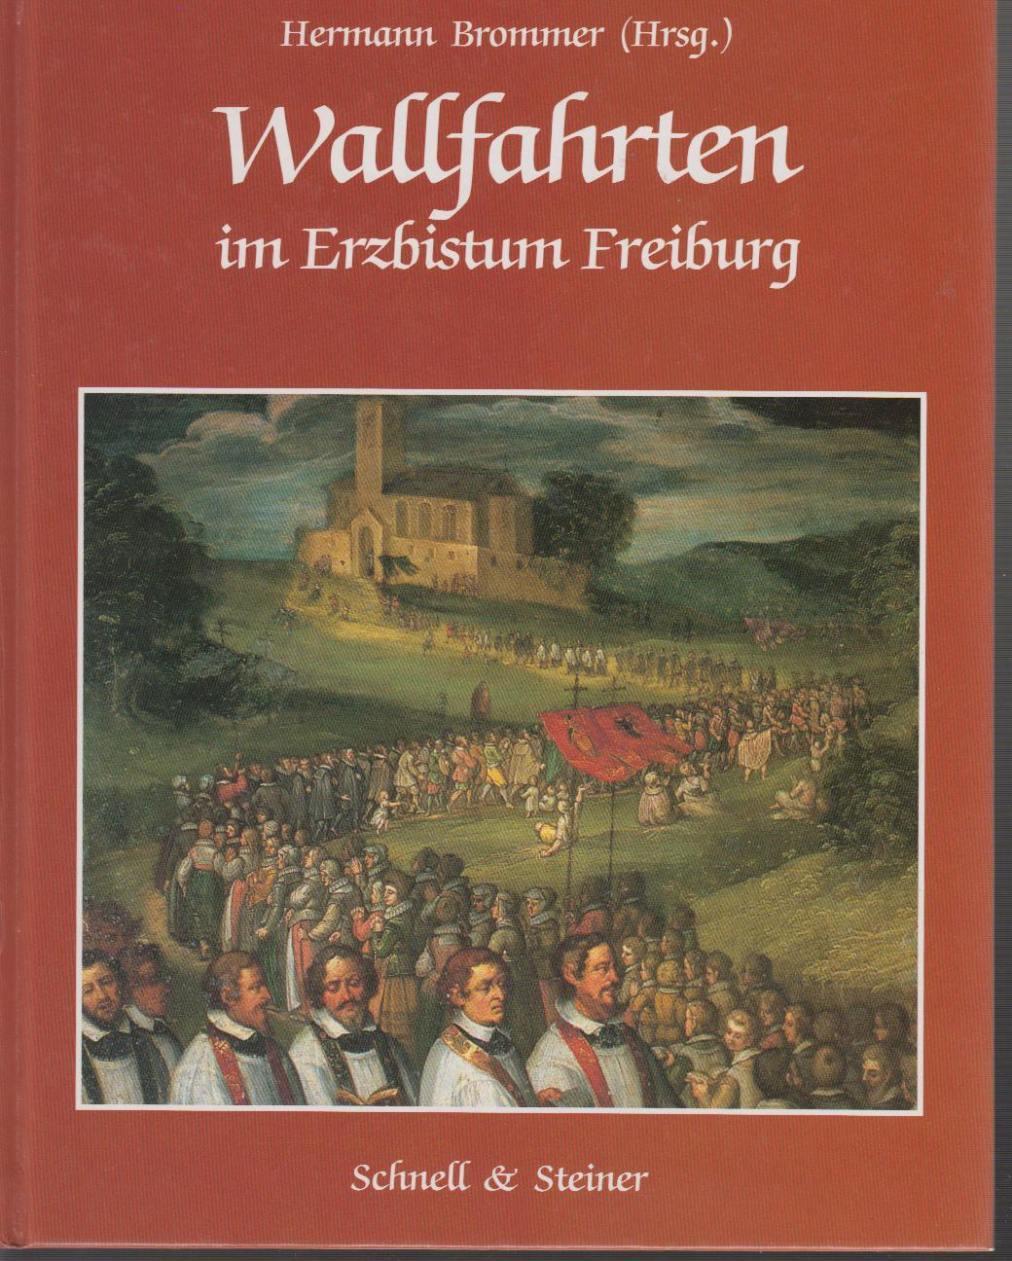 Wallfahrten im Erzbistum Freiburg: Brommer, Hermann (Hrsg.)